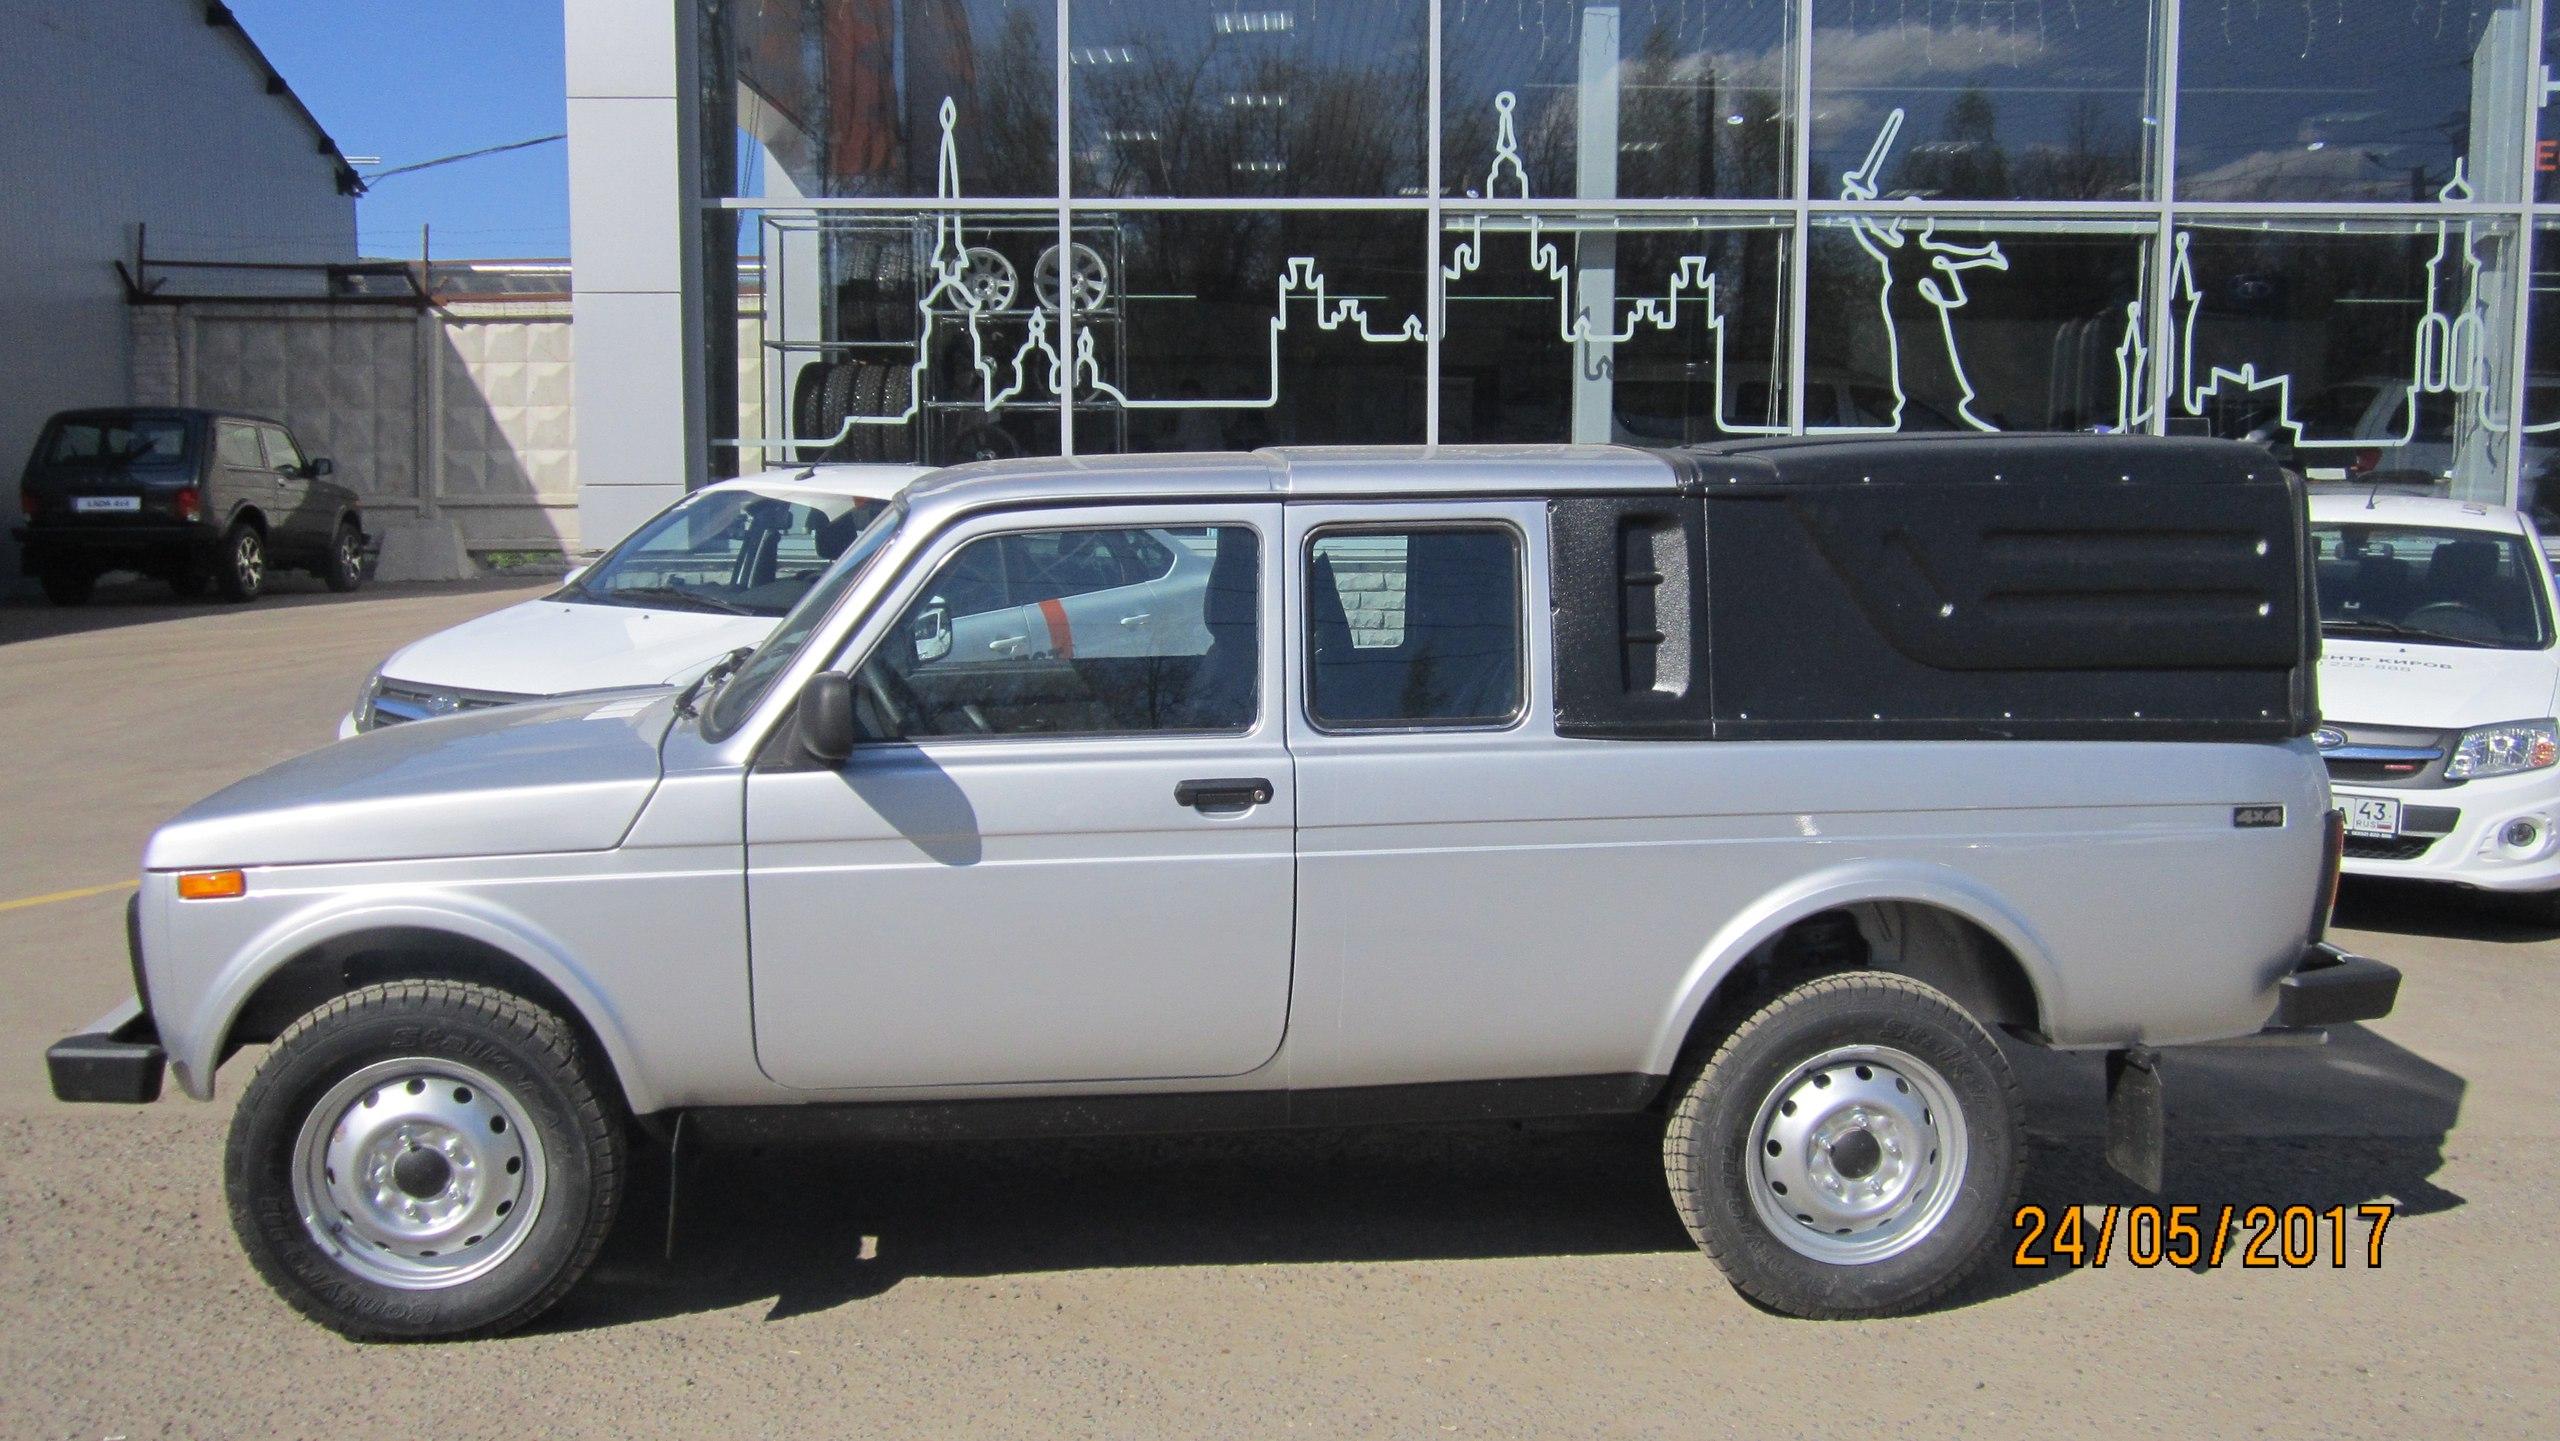 LADA Бортовой 4х4 ВИС Пикап | Специальный автомобиль на базе LADA с выгодой до 80000 рублей!